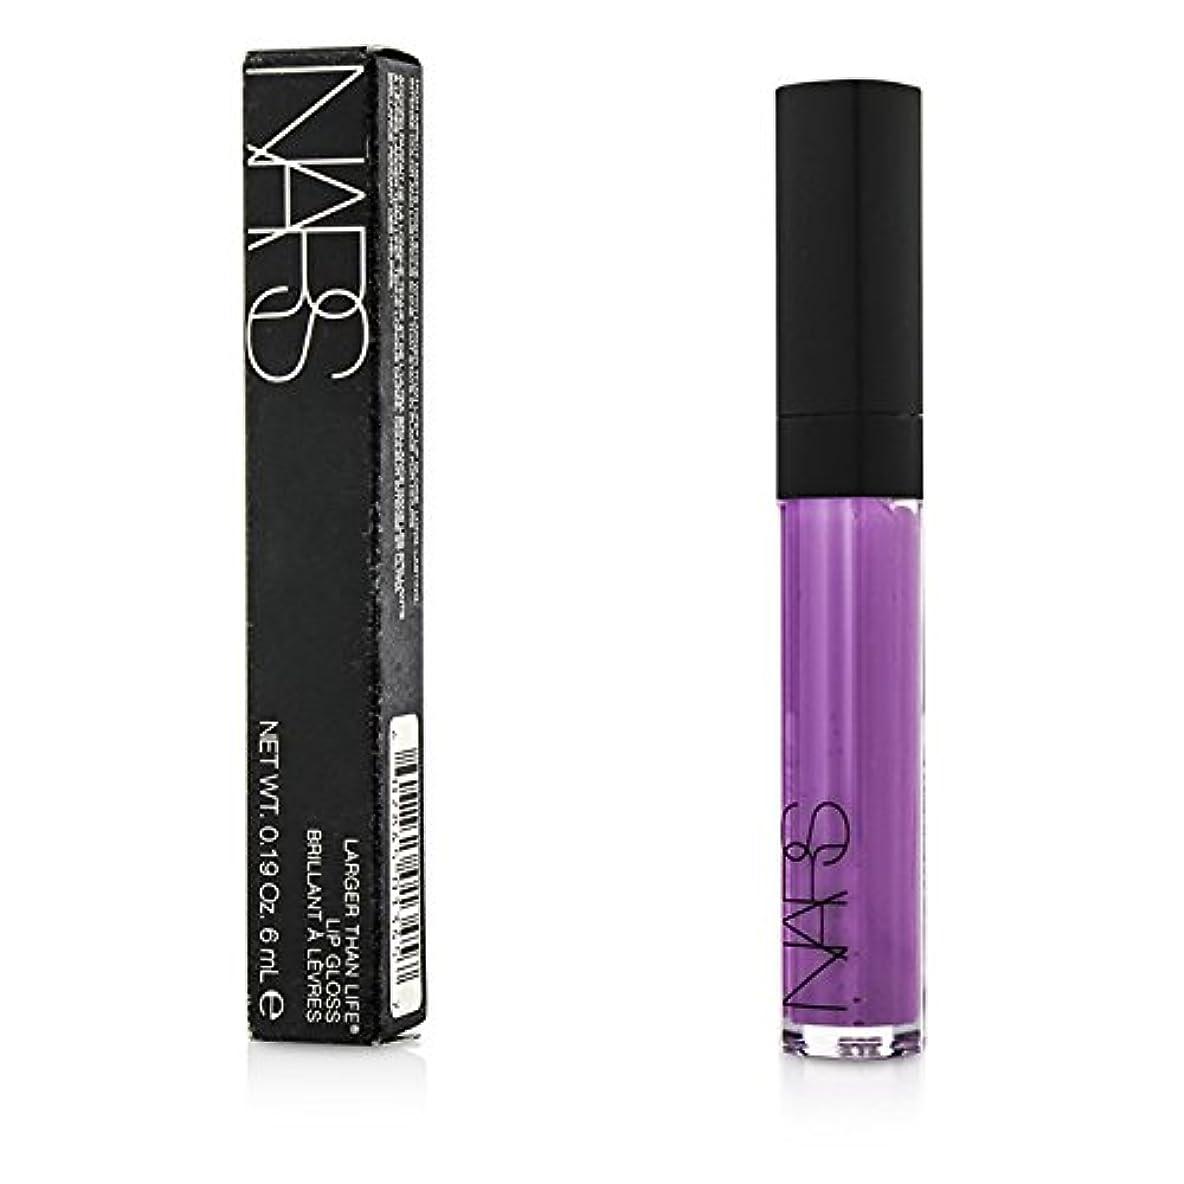 干渉男性冷蔵庫ナーズ Larger Than Life Lip Gloss - #Annees Folles 6ml/0.19oz並行輸入品